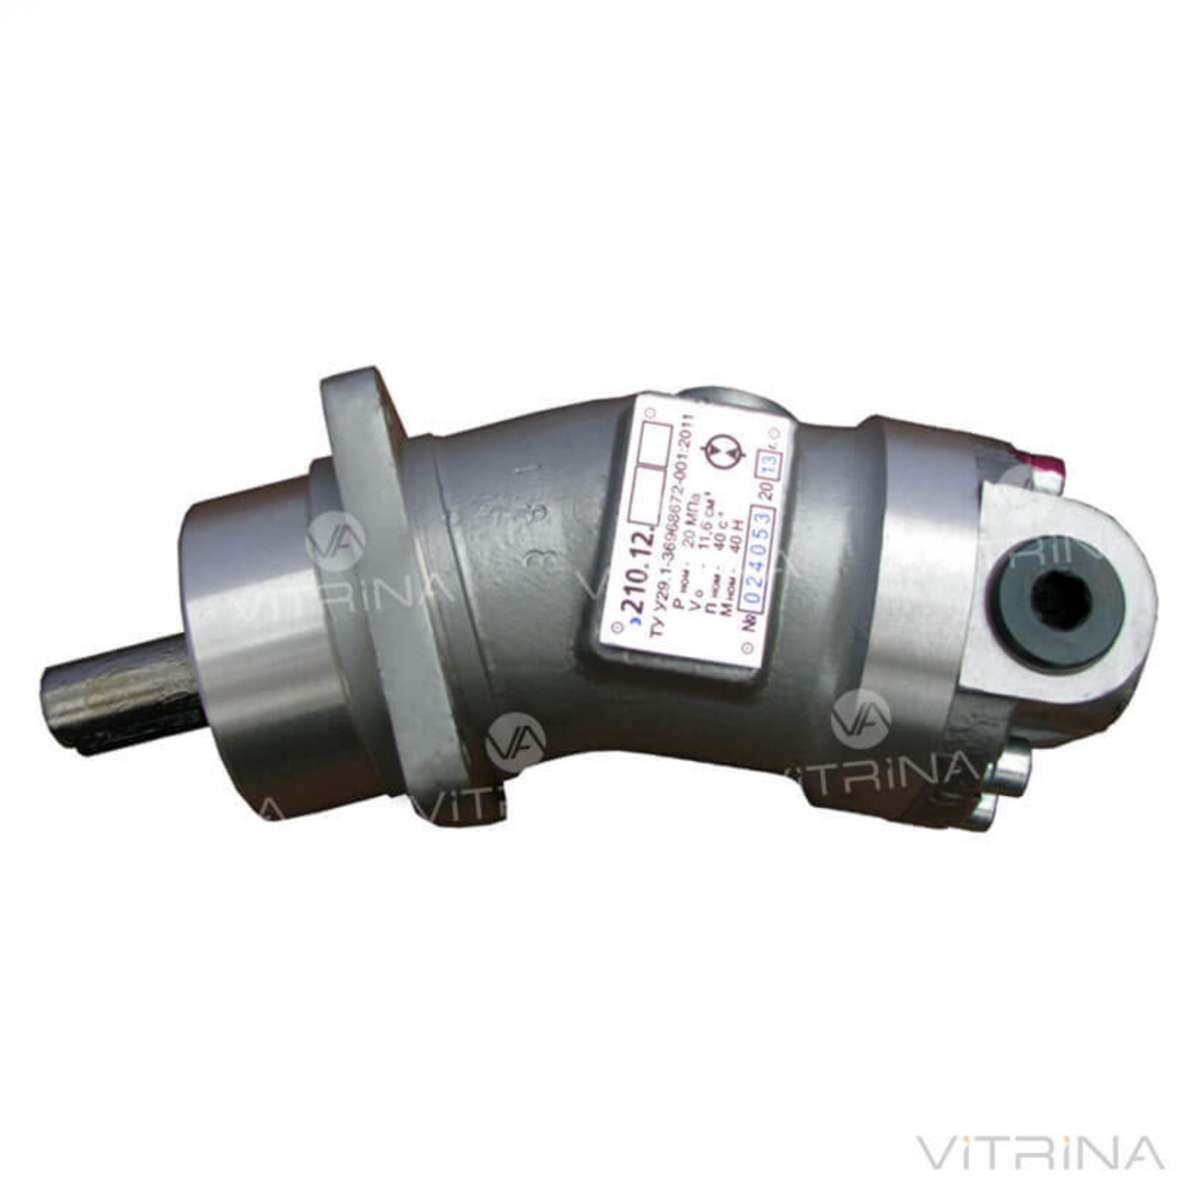 Гидромотор аксиально-поршневой 210Е.12.00 | шпоночный вал, реверс